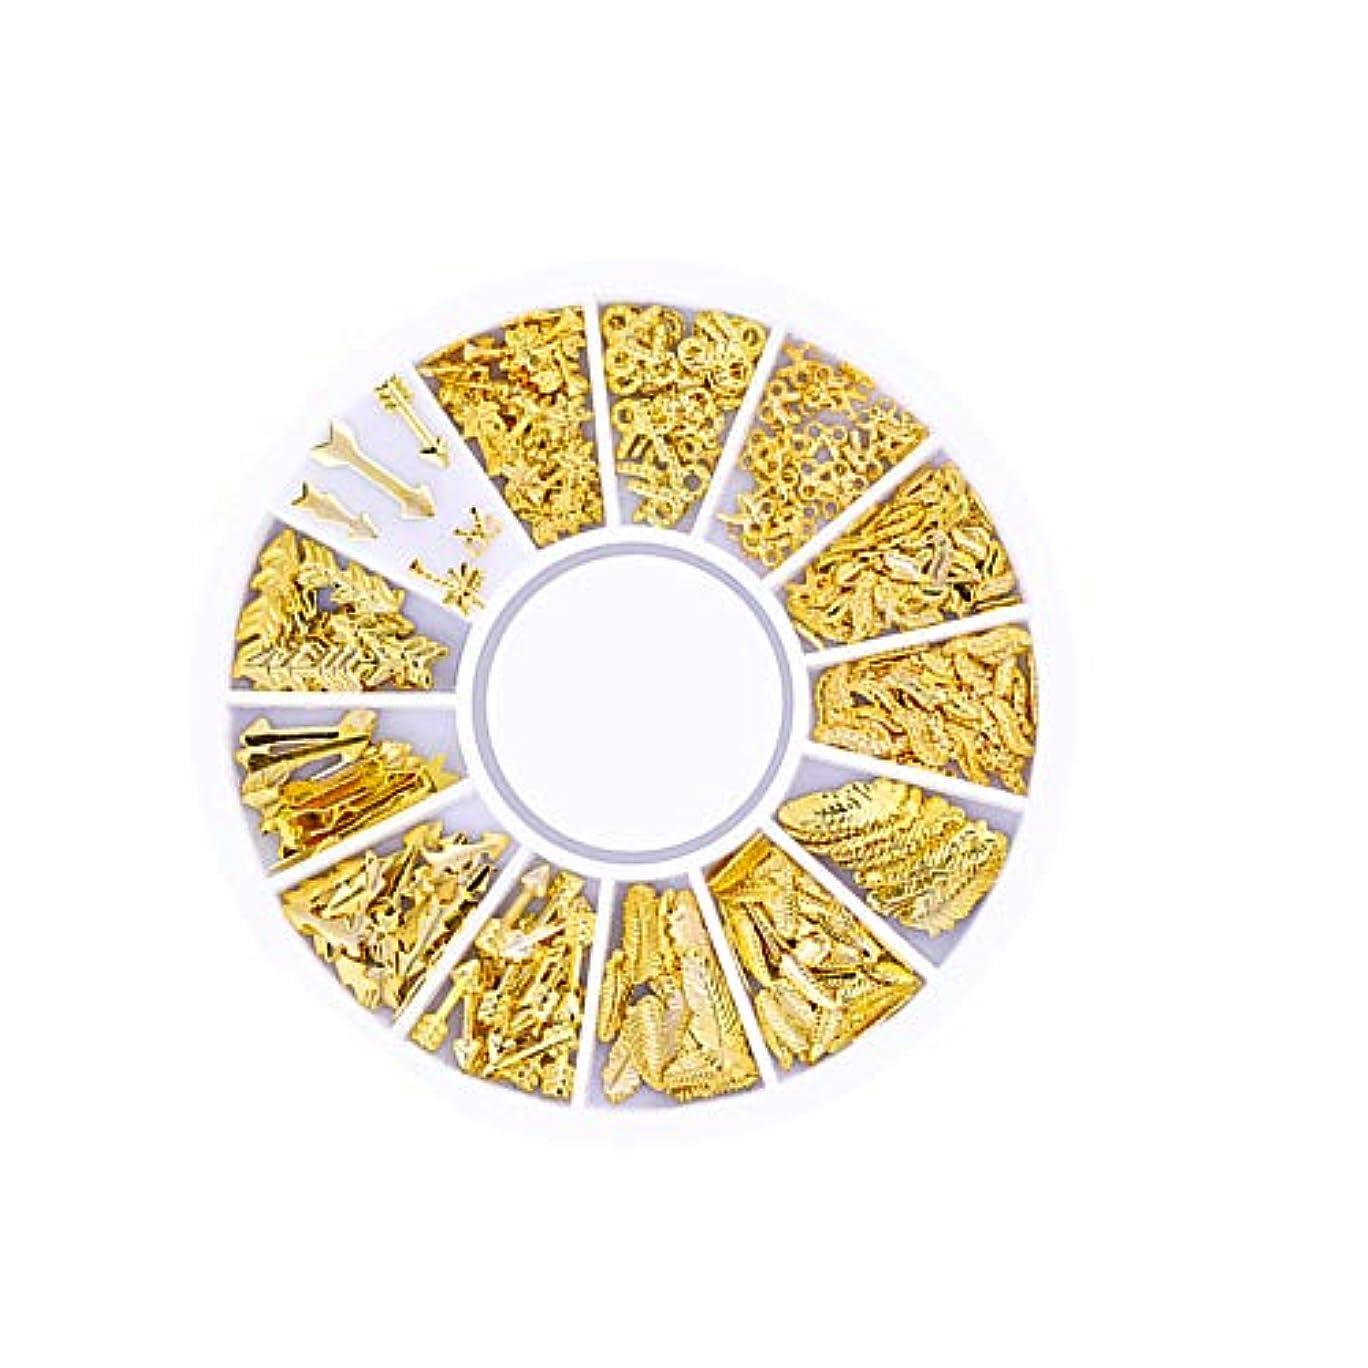 ヘッドレステラス骨髄200カウント/バッグネイルステッカー3Dミニメタルスタッド魅力的なグリッターネイル用品DIYネイルファッション装飾的なレトロシリーズ